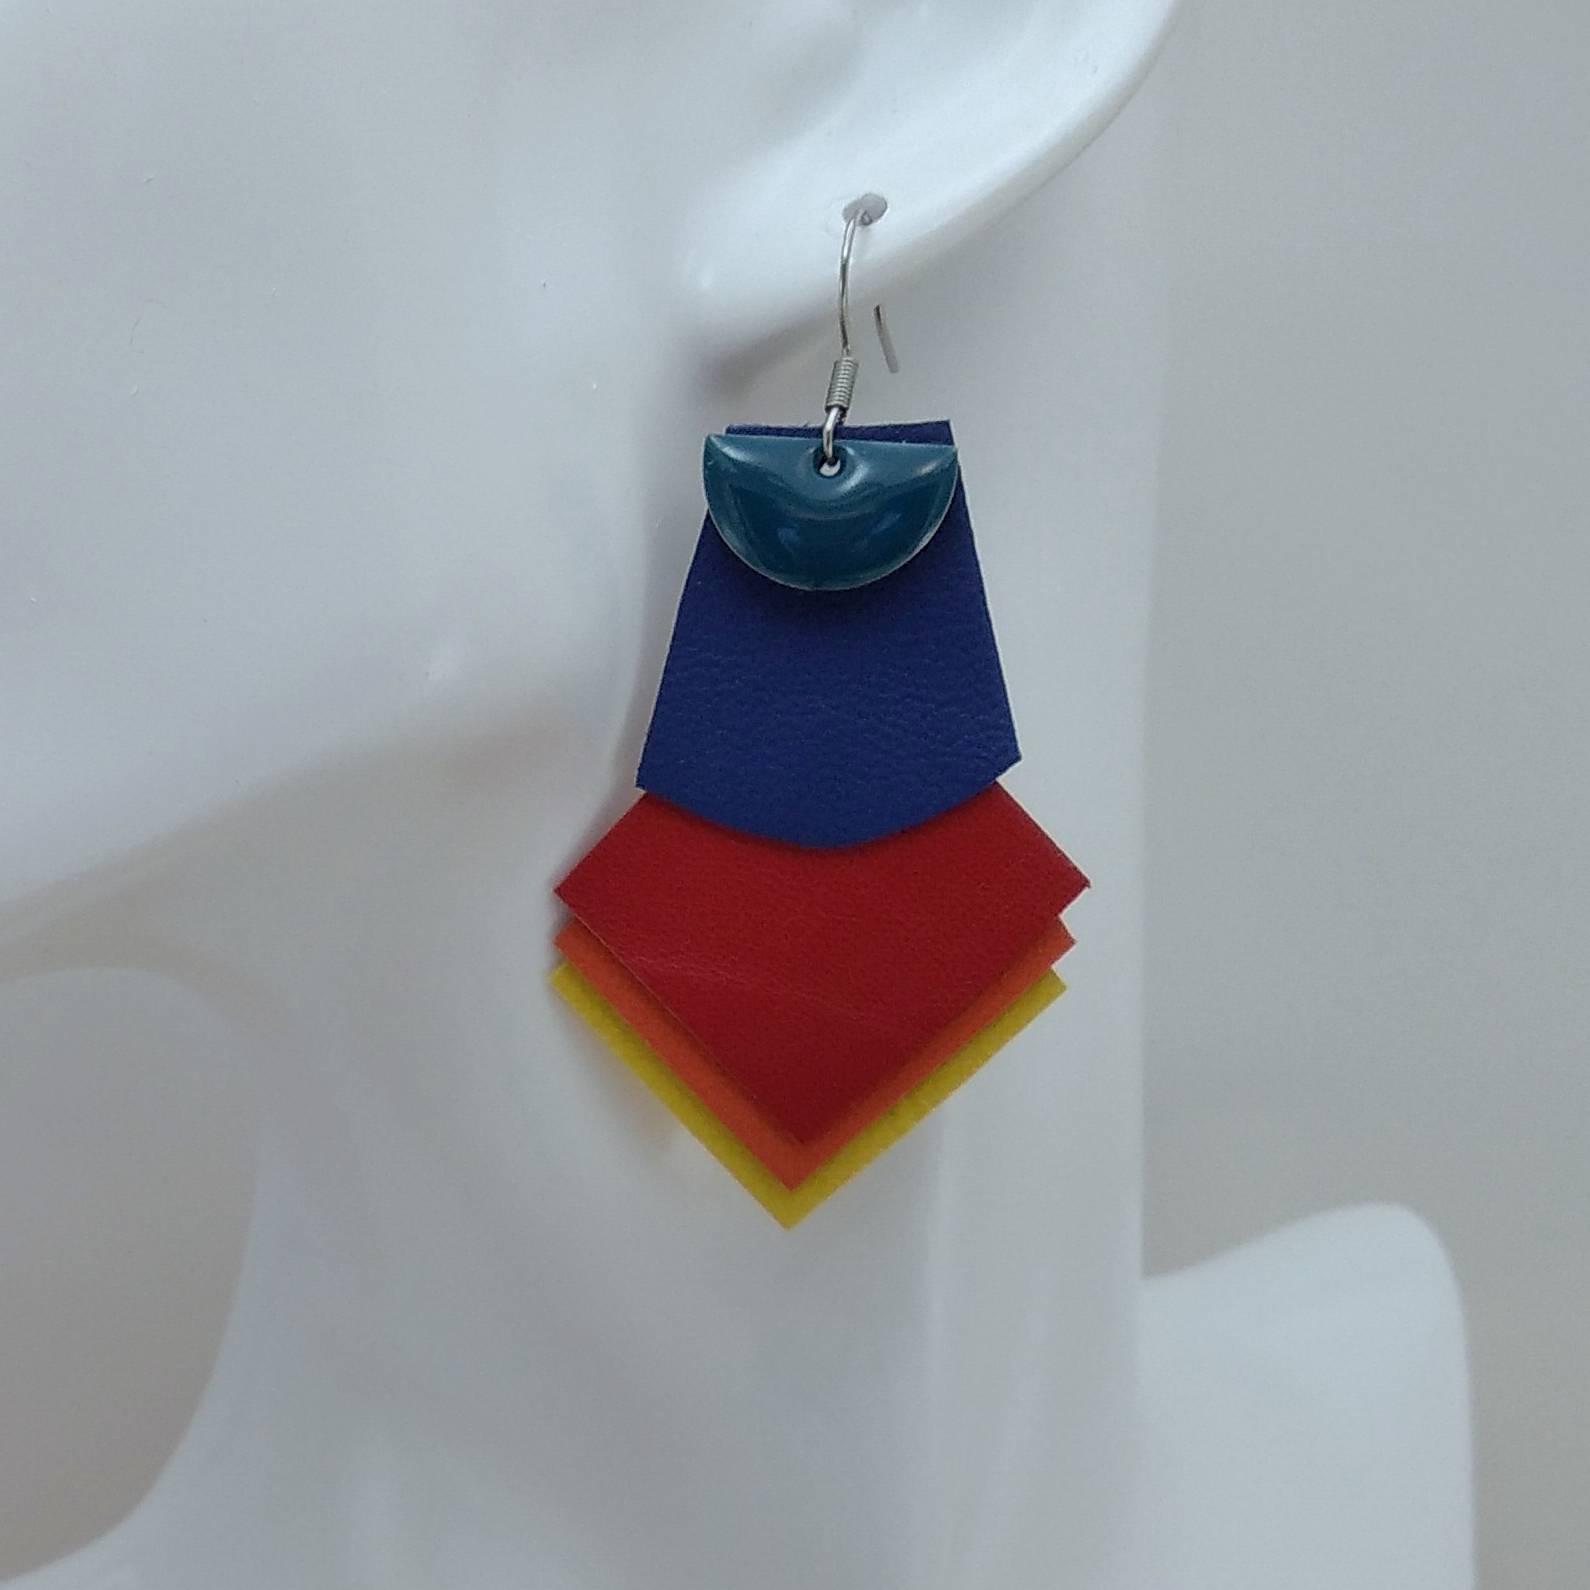 B.O. FORMIDABLE modèle 1 Breloque demi-cercle bleu canard et cuir bleu marine/rouge/orange/jaune